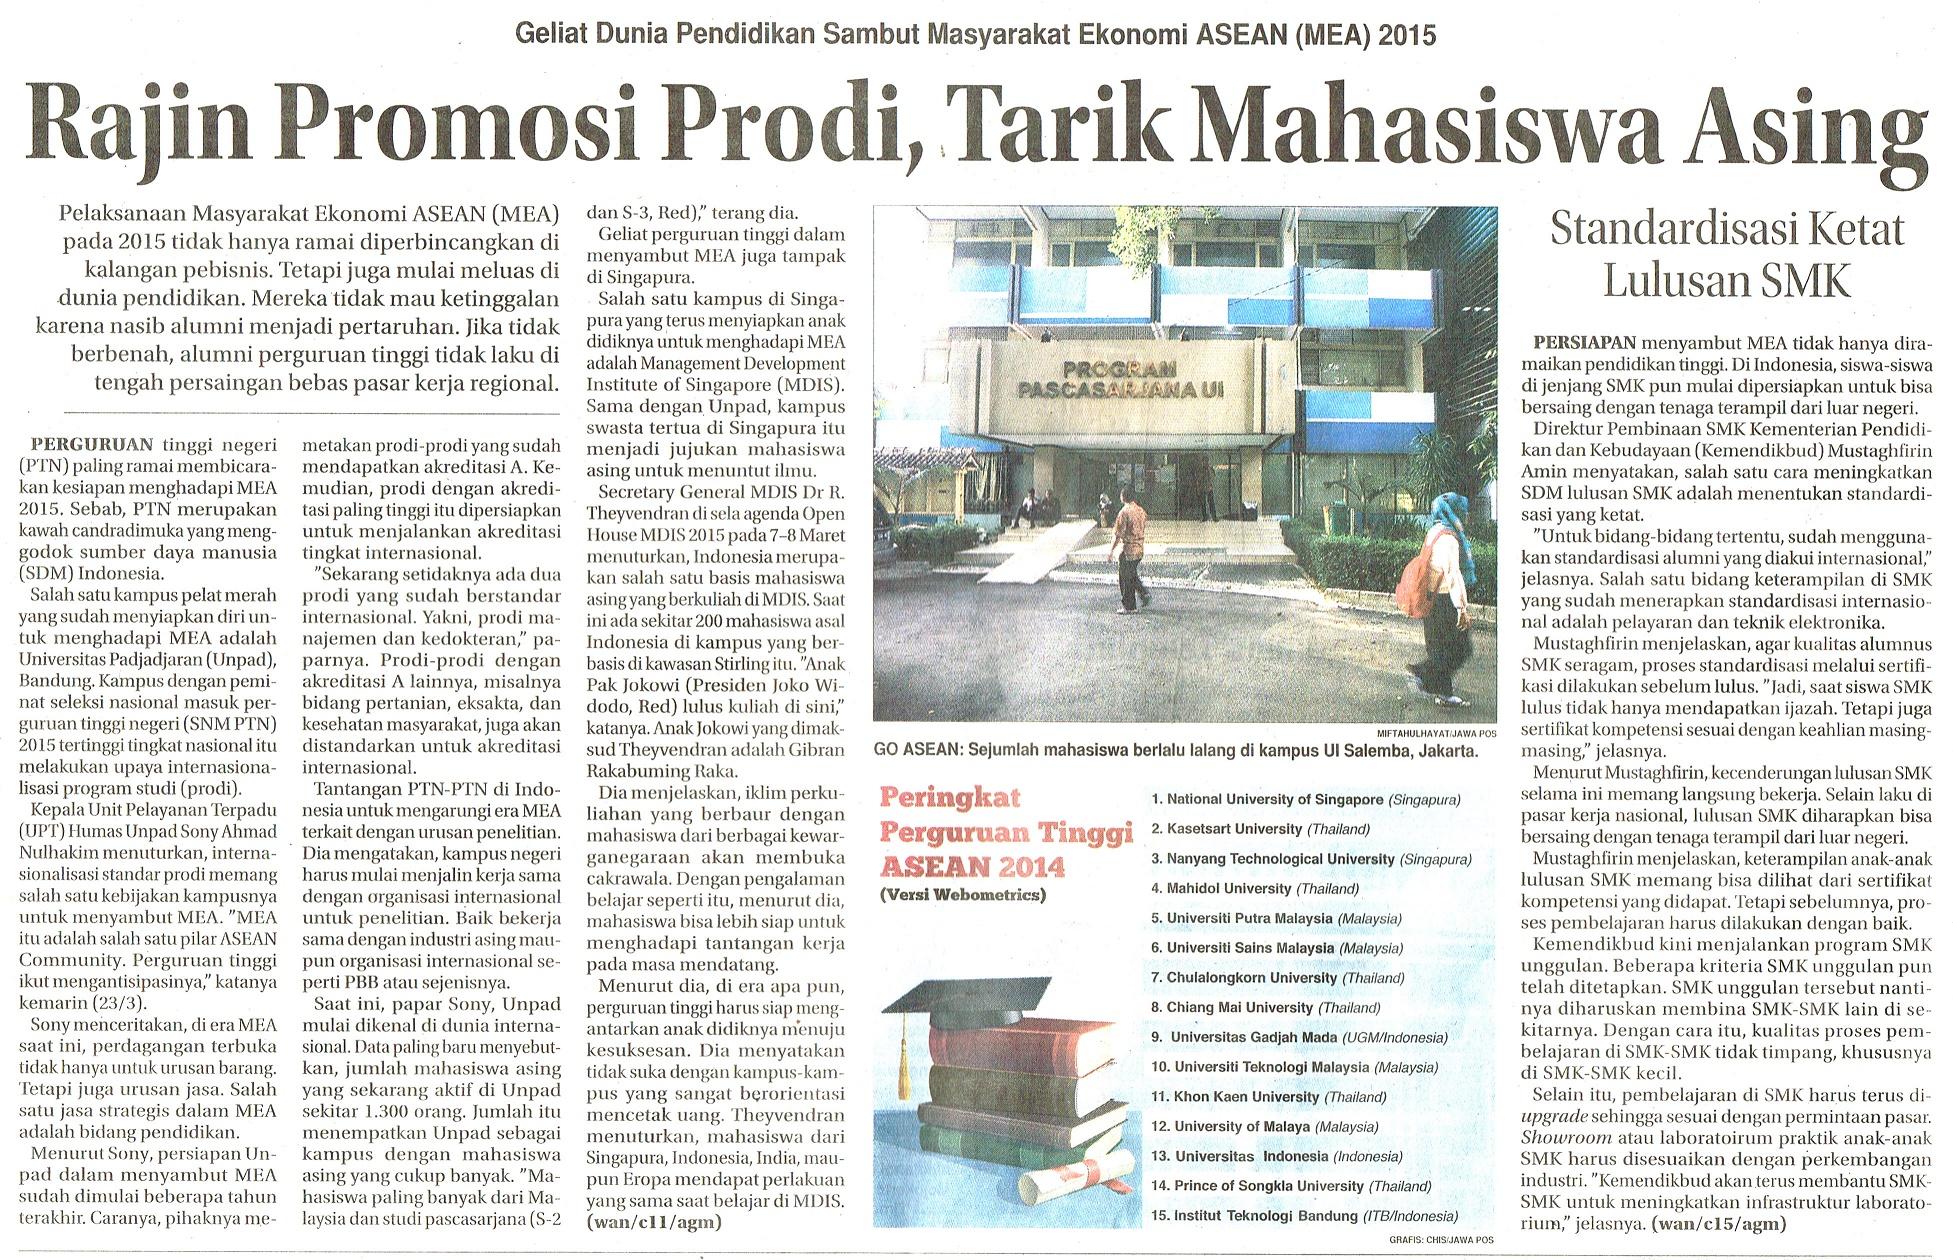 Rajin Promosi Prodi, Tarik Mahasiswa Asing. Jawa Pos.24 Maret 2015.Hal.6